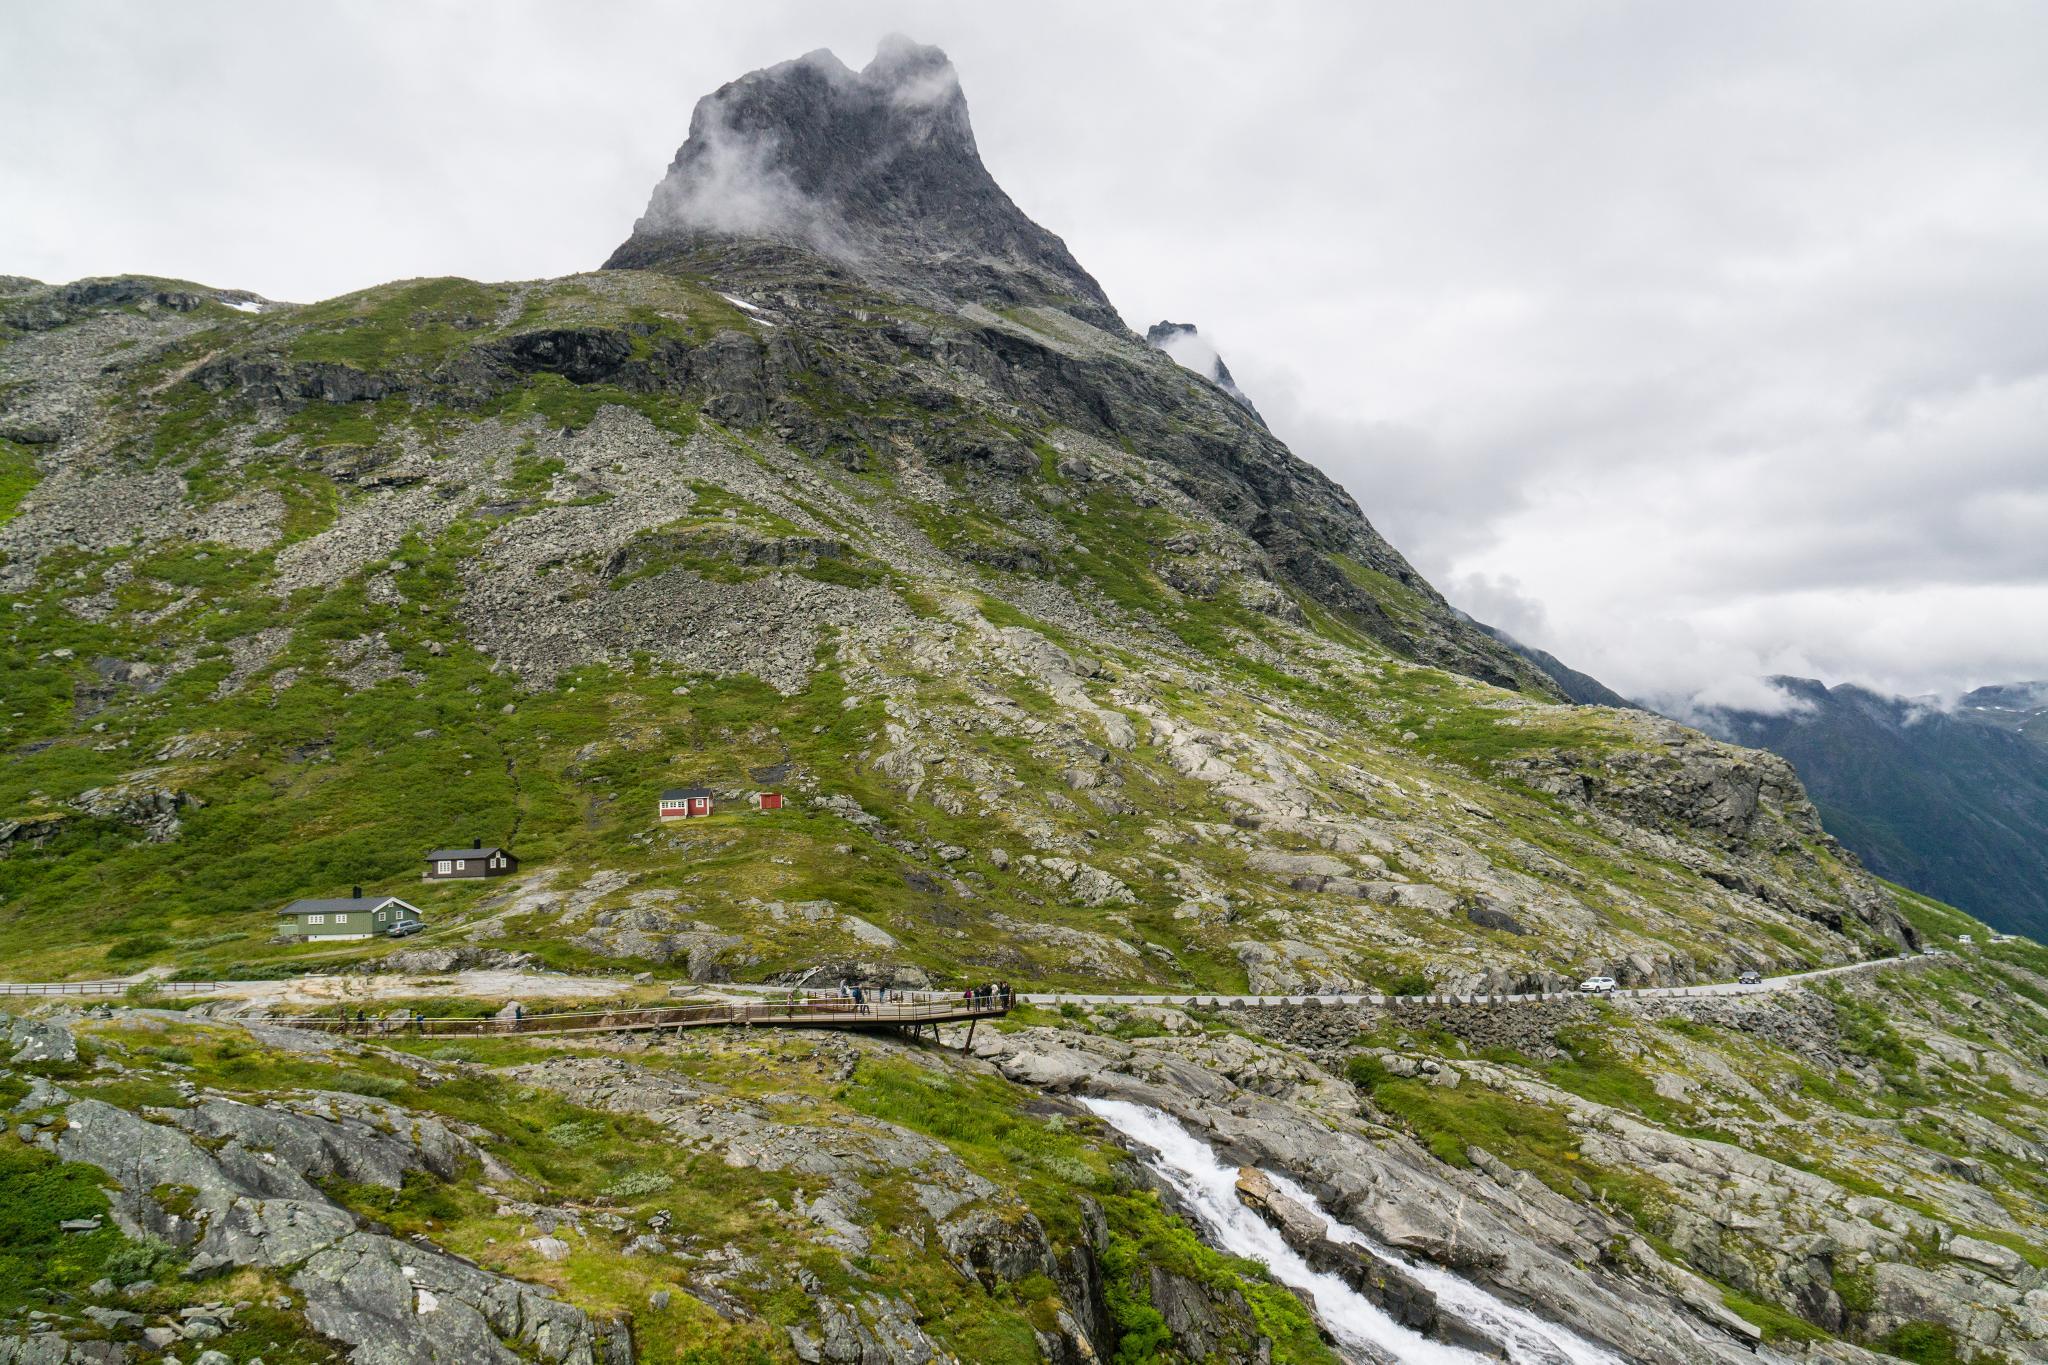 【北歐景點】Trollstigen 精靈之路 ∣ 挪威最驚險的世界級景觀公路 12